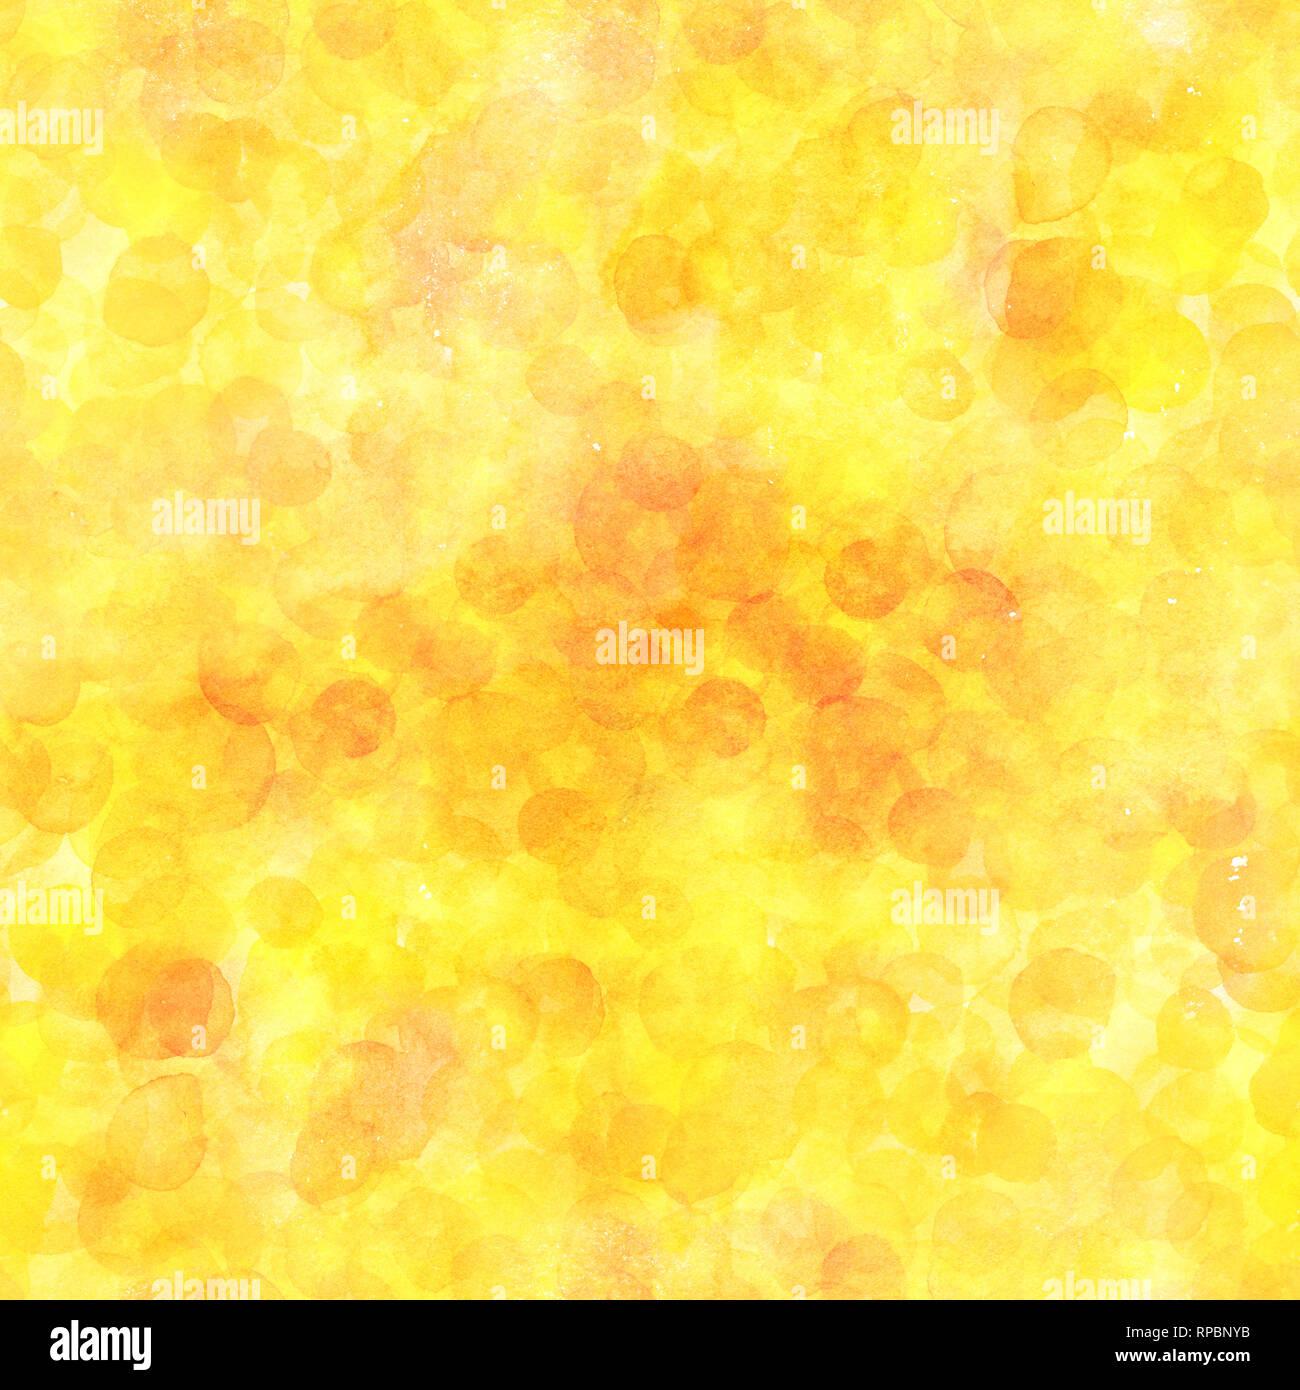 Eine nahtlose Muster von gelb Aquarell punkten. Eine Hand gezeichnet wiederholen, einer abstrakten Hintergrund Stockfoto